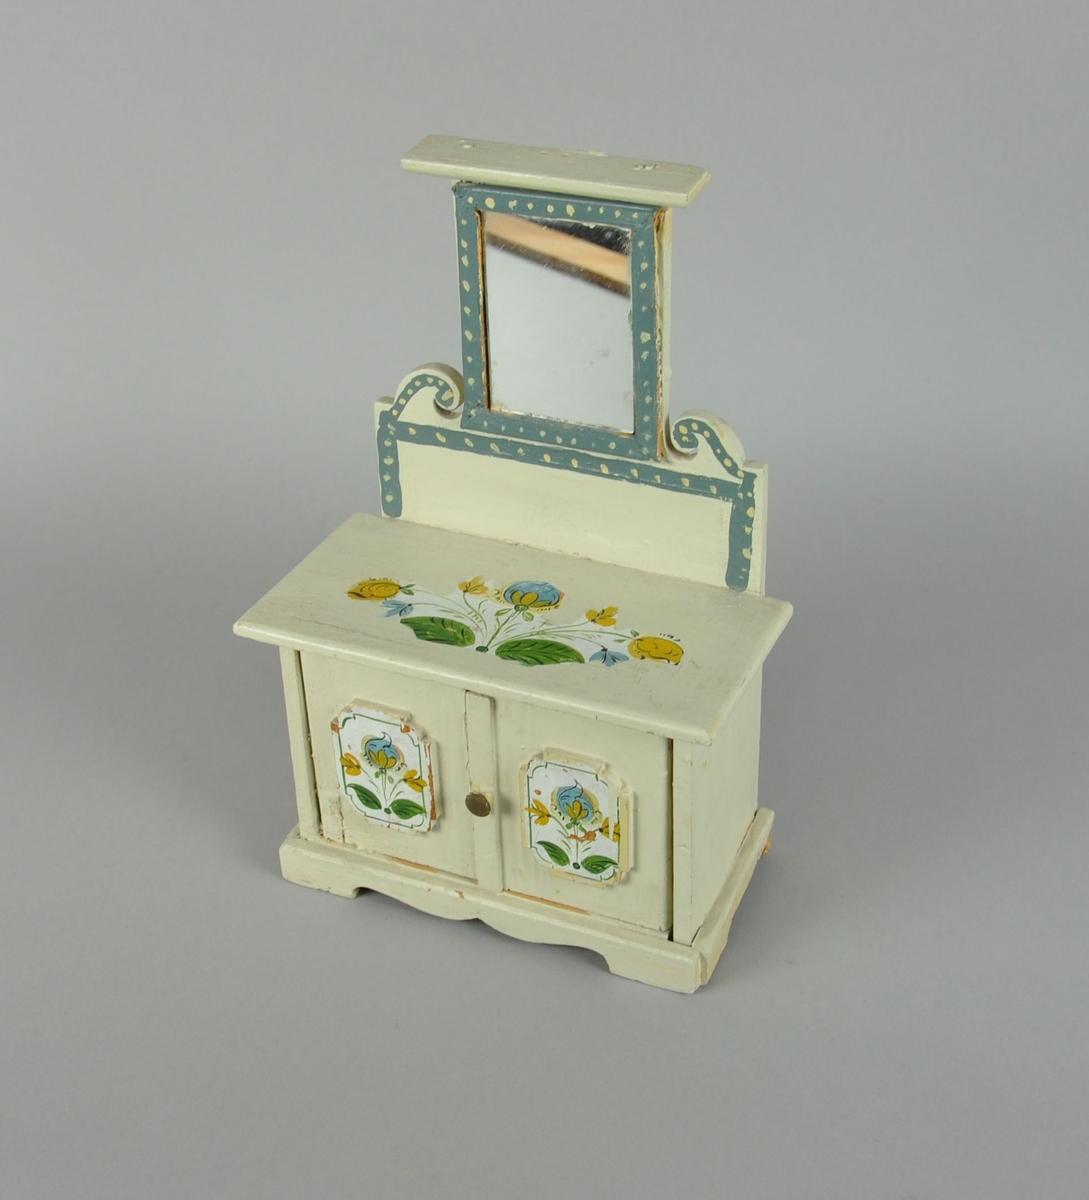 Lekeskap av tre, med speil. Skapet er sveifet ved bunnen og har blåmalt dekor med hvite prikker. To funksjonelle dører på framsiden, og i skapet er det ni små bøker.